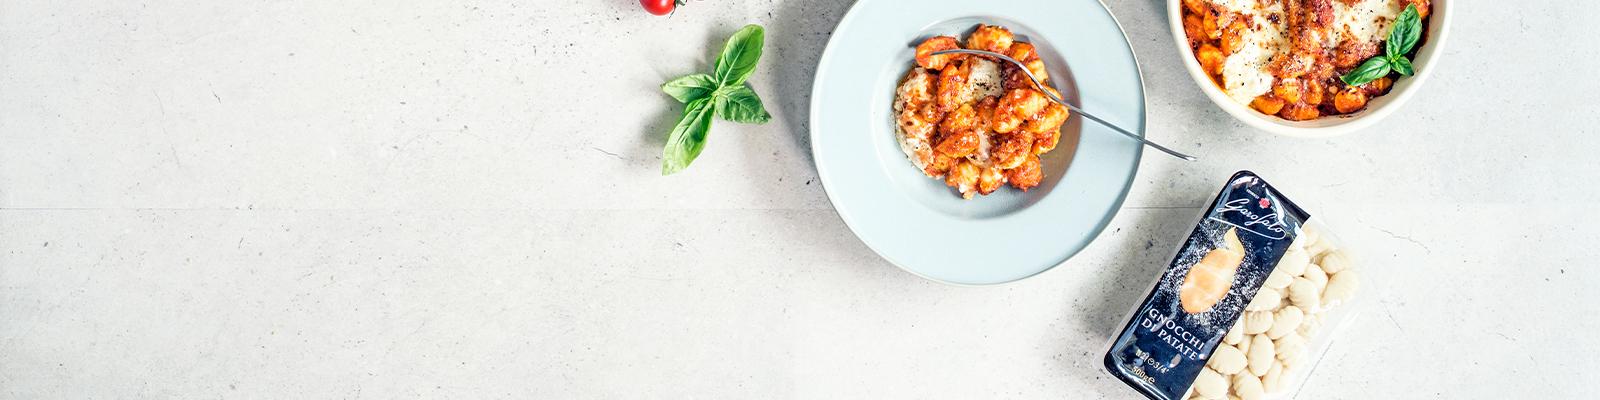 Pasta Garofalo - Gnocchi e chicche